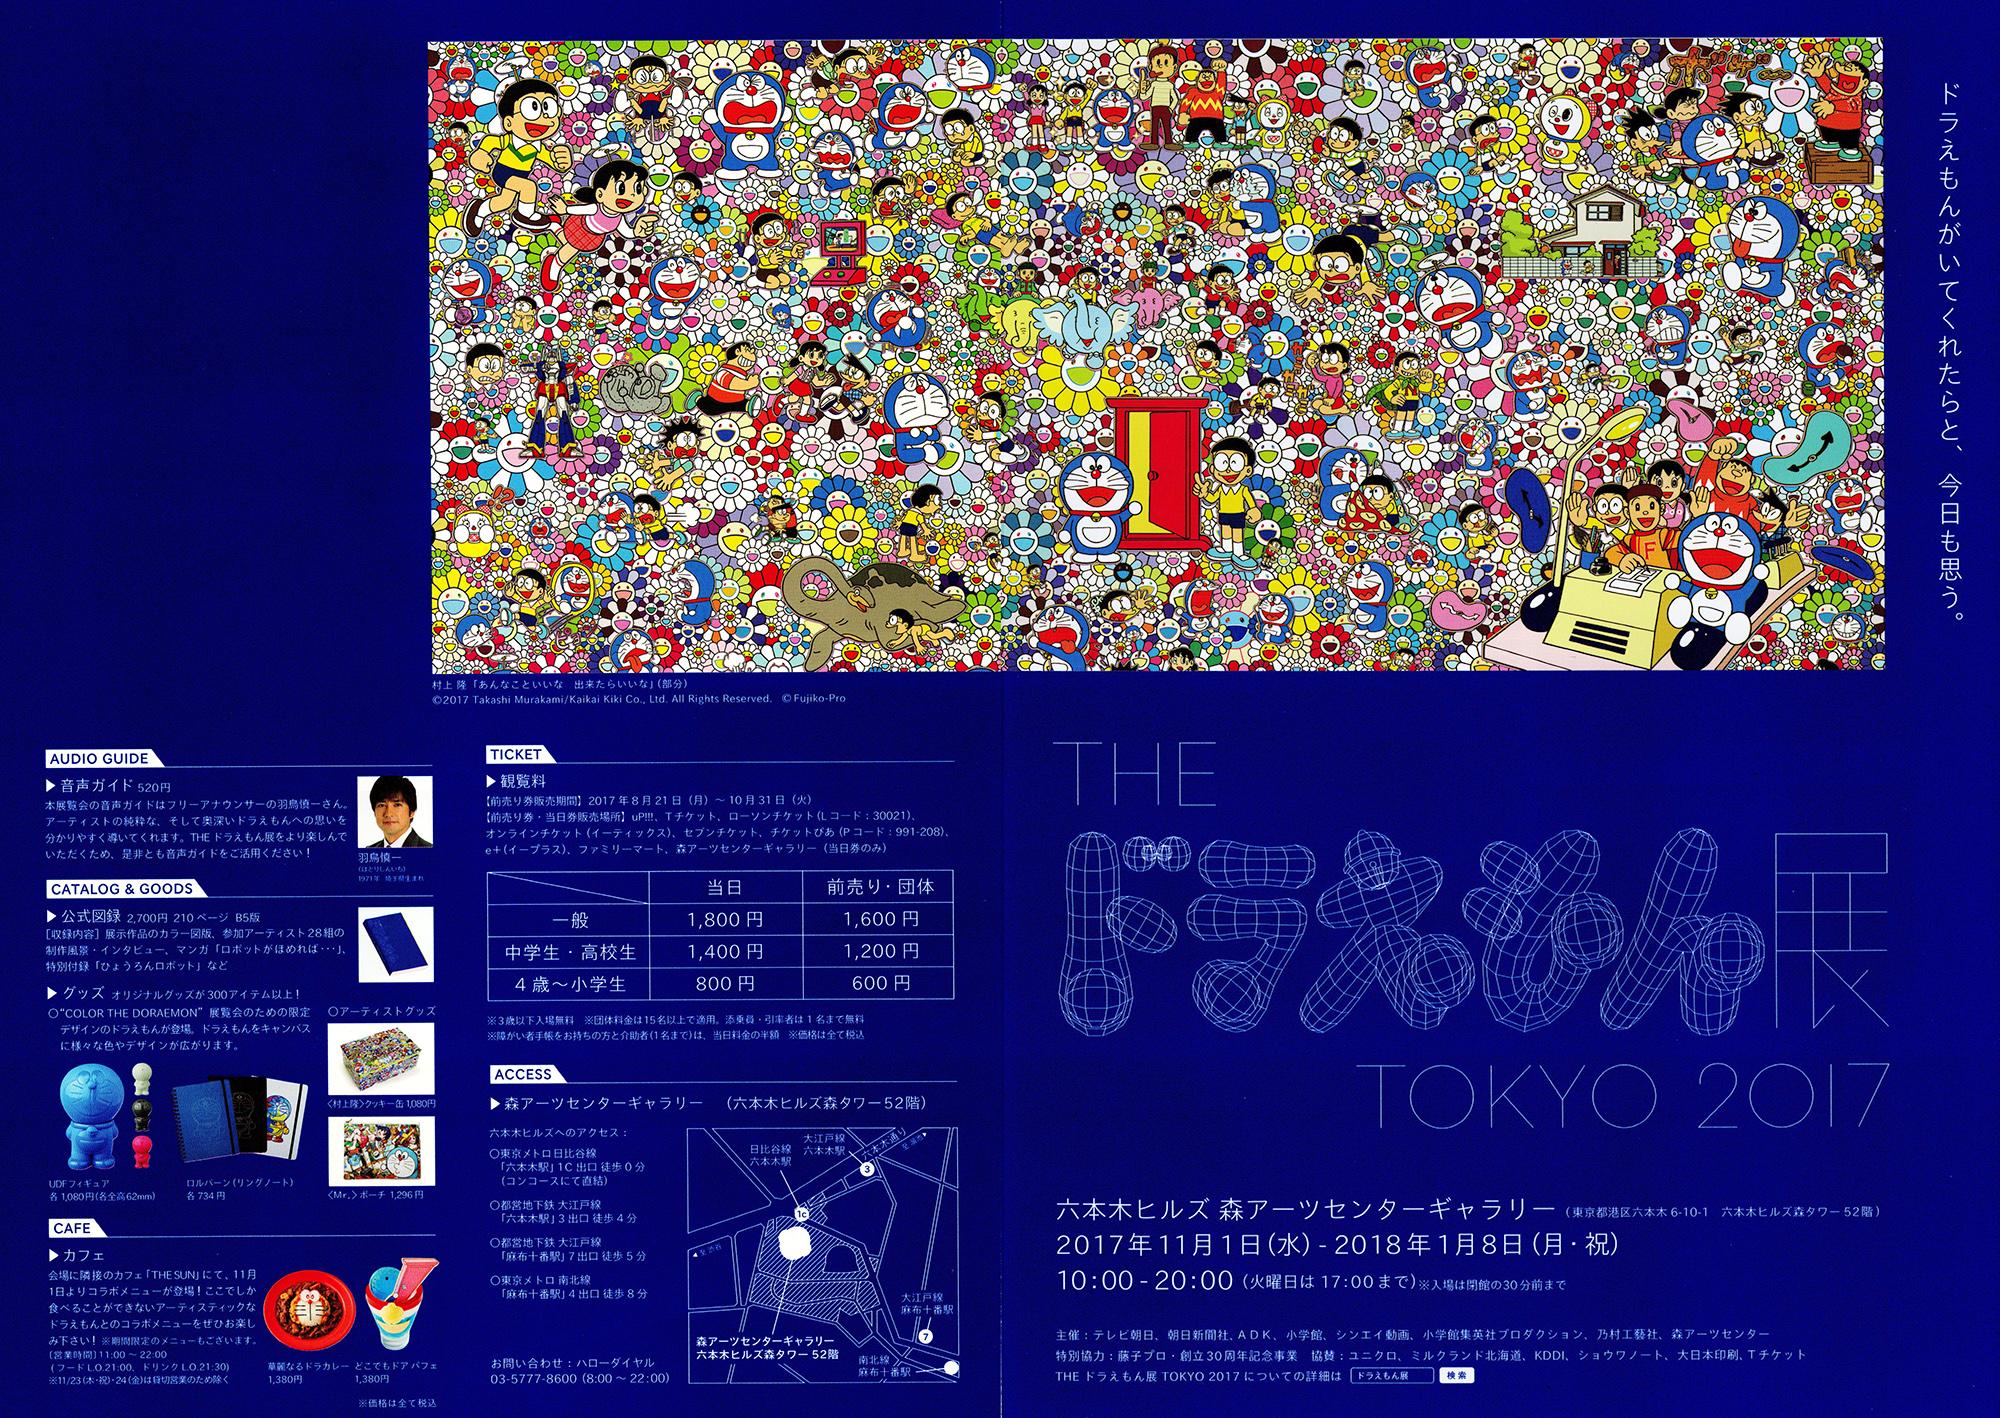 171211_doraemon01-02.jpg